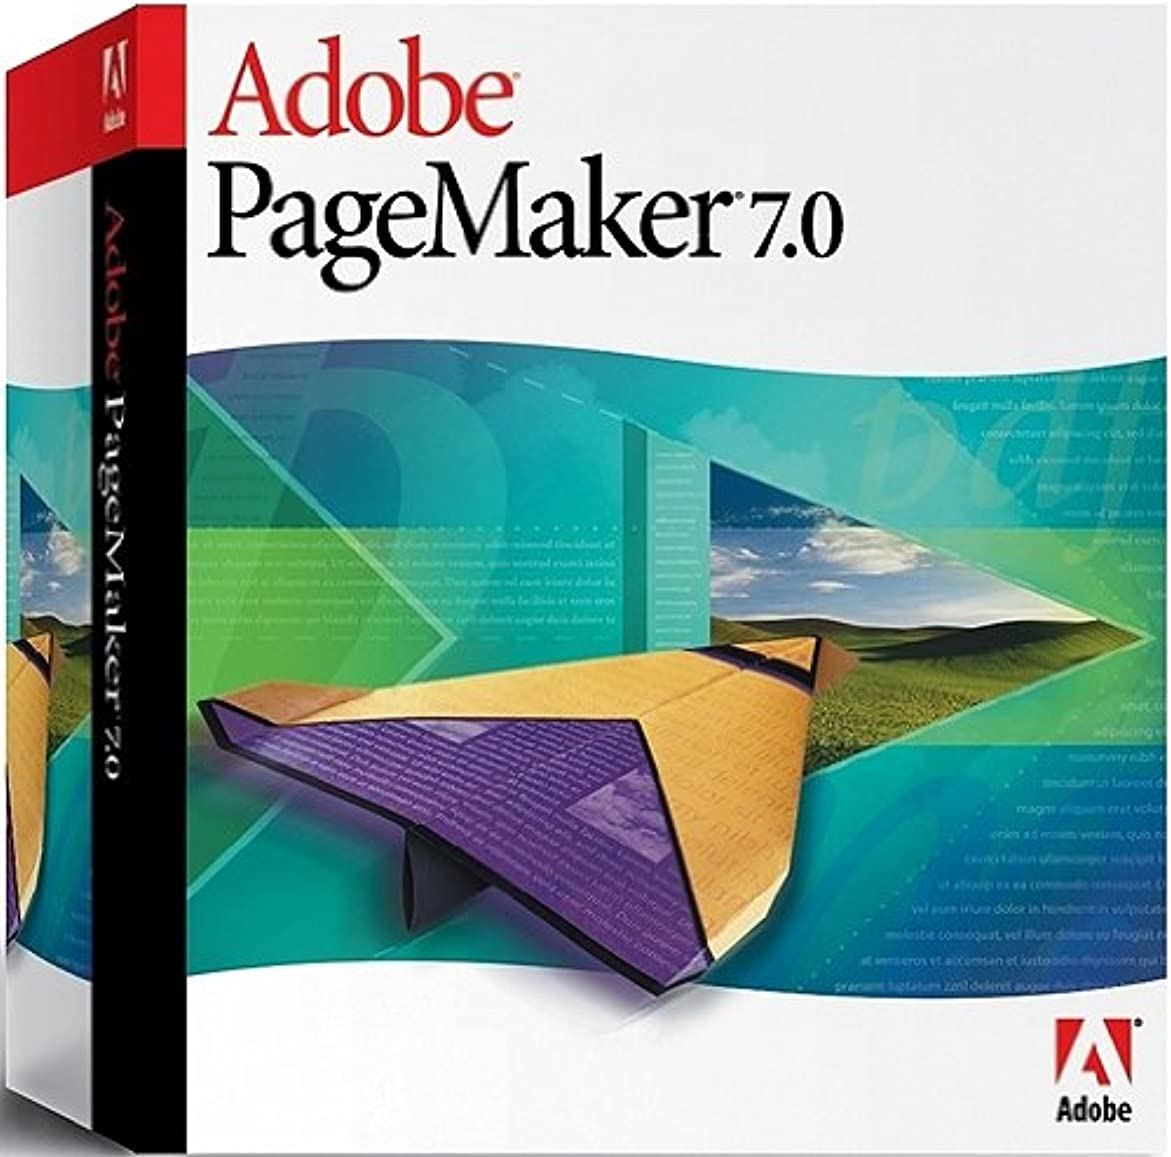 バックアップ壊す肝Adobe PageMaker 7.0 日本語版 Macintosh版